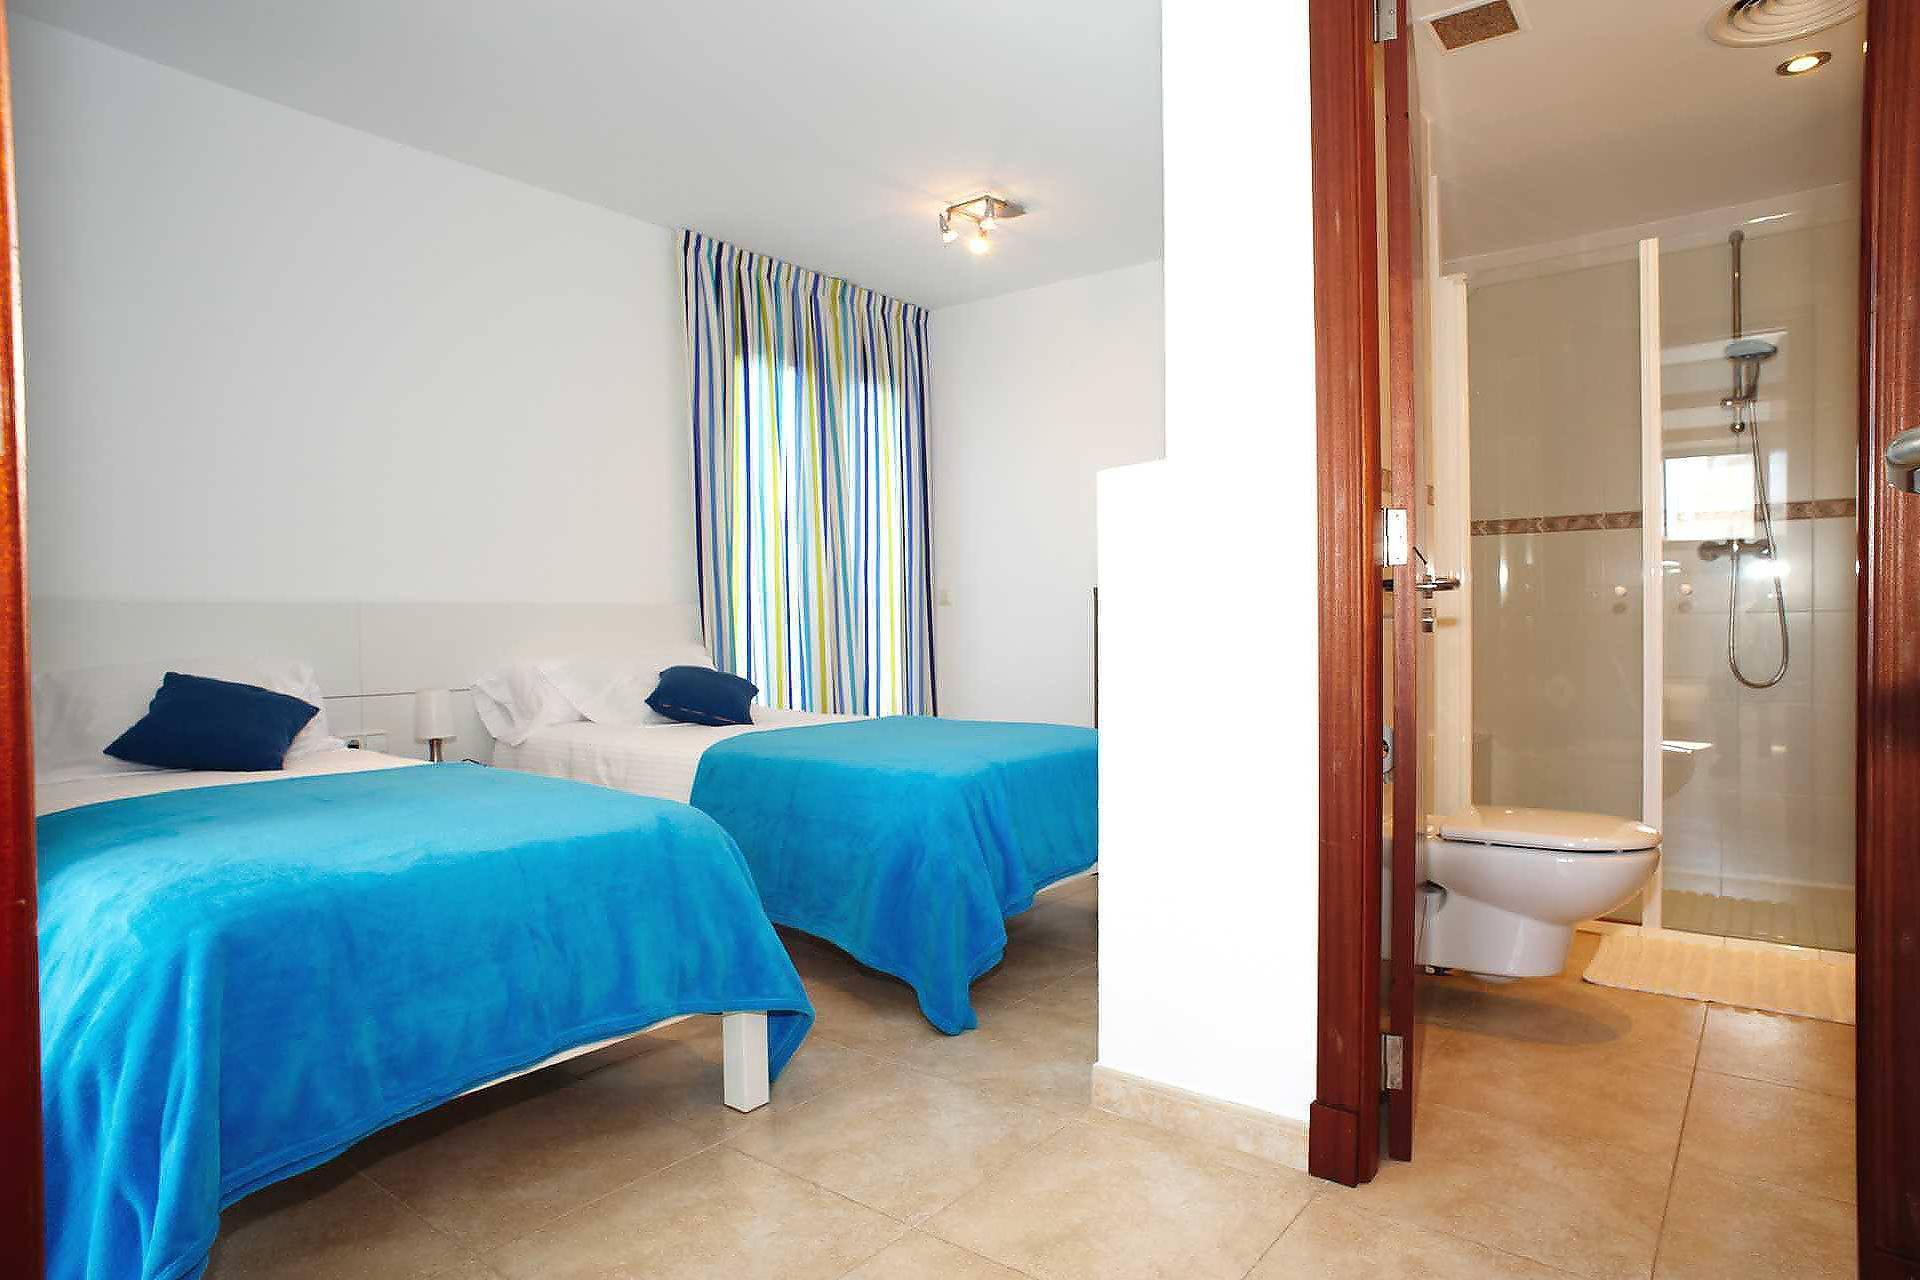 01-68 Moderne Ferienwohnung Mallorca Osten Bild 15